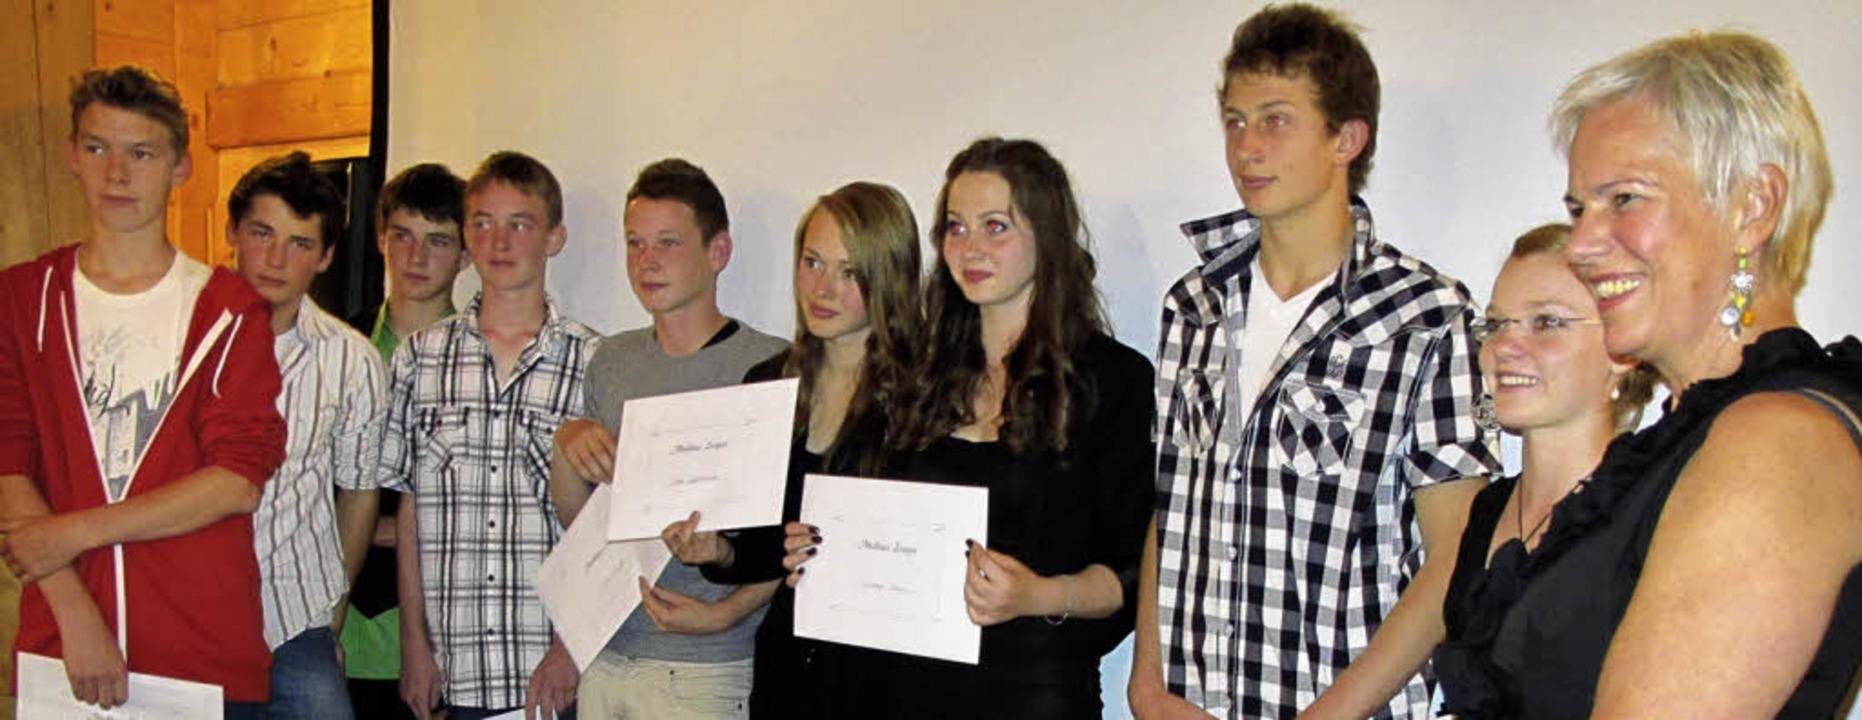 Sie verlassen die Hauptschule Hinterza...uen Schuljahr nach Freiburg wechselt.   | Foto: Barbara Herrmann